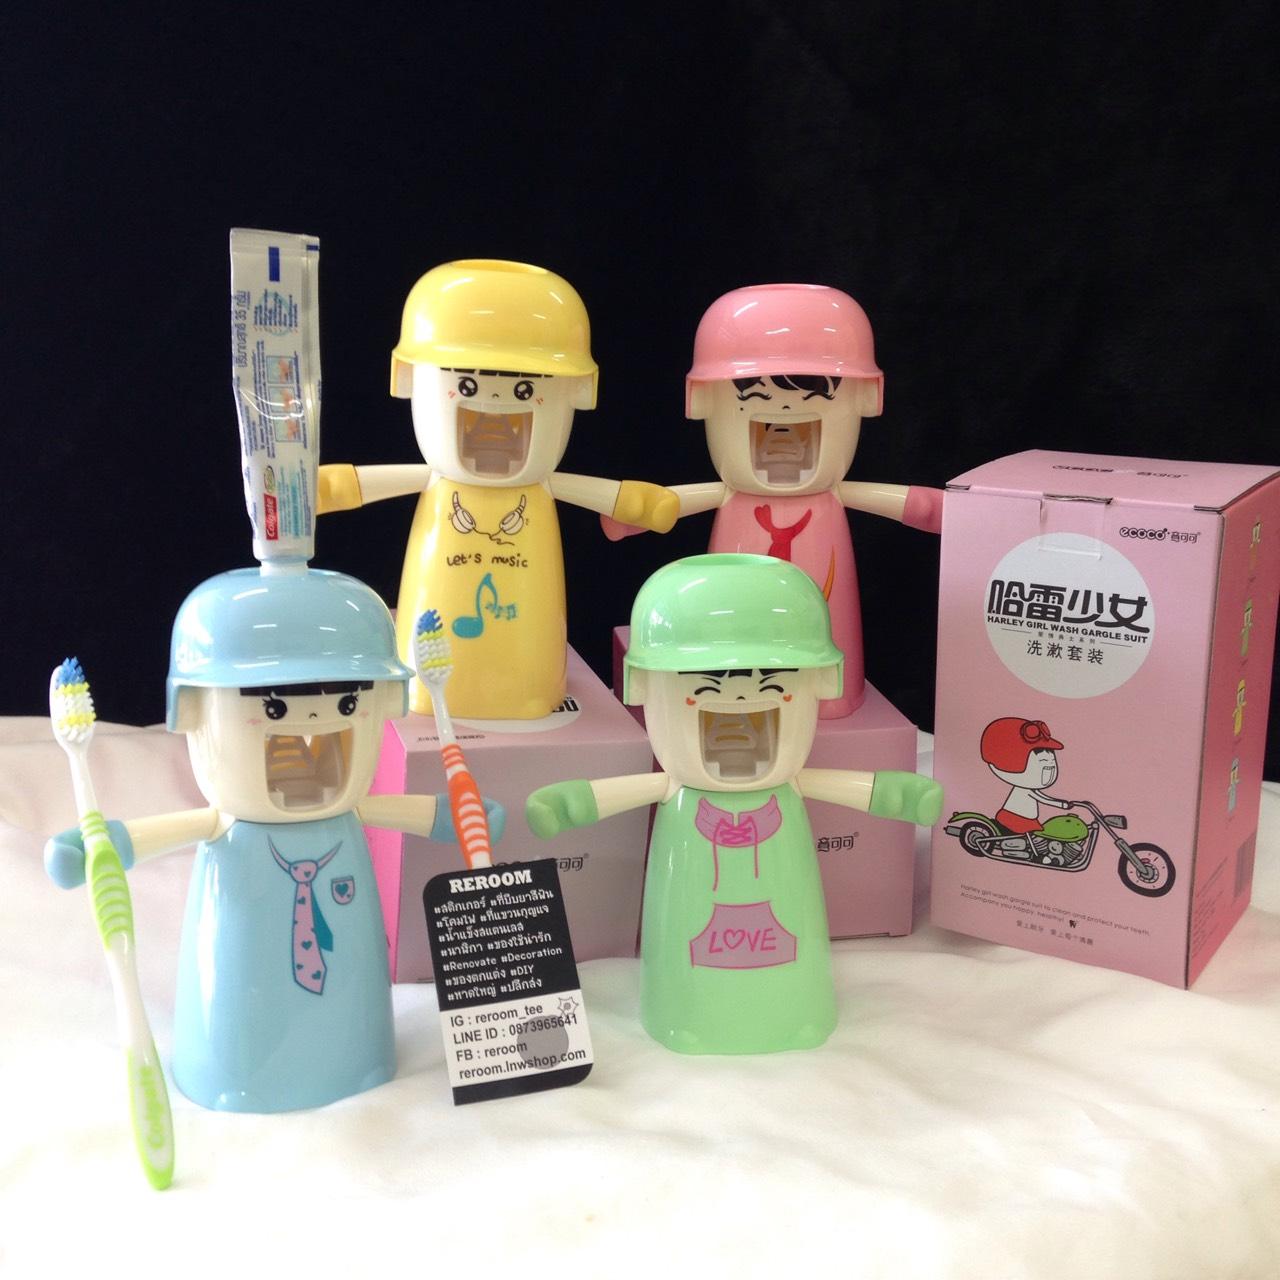 วิดีโอตัวอย่างตุ๊กตาบีบยาสีฟัน